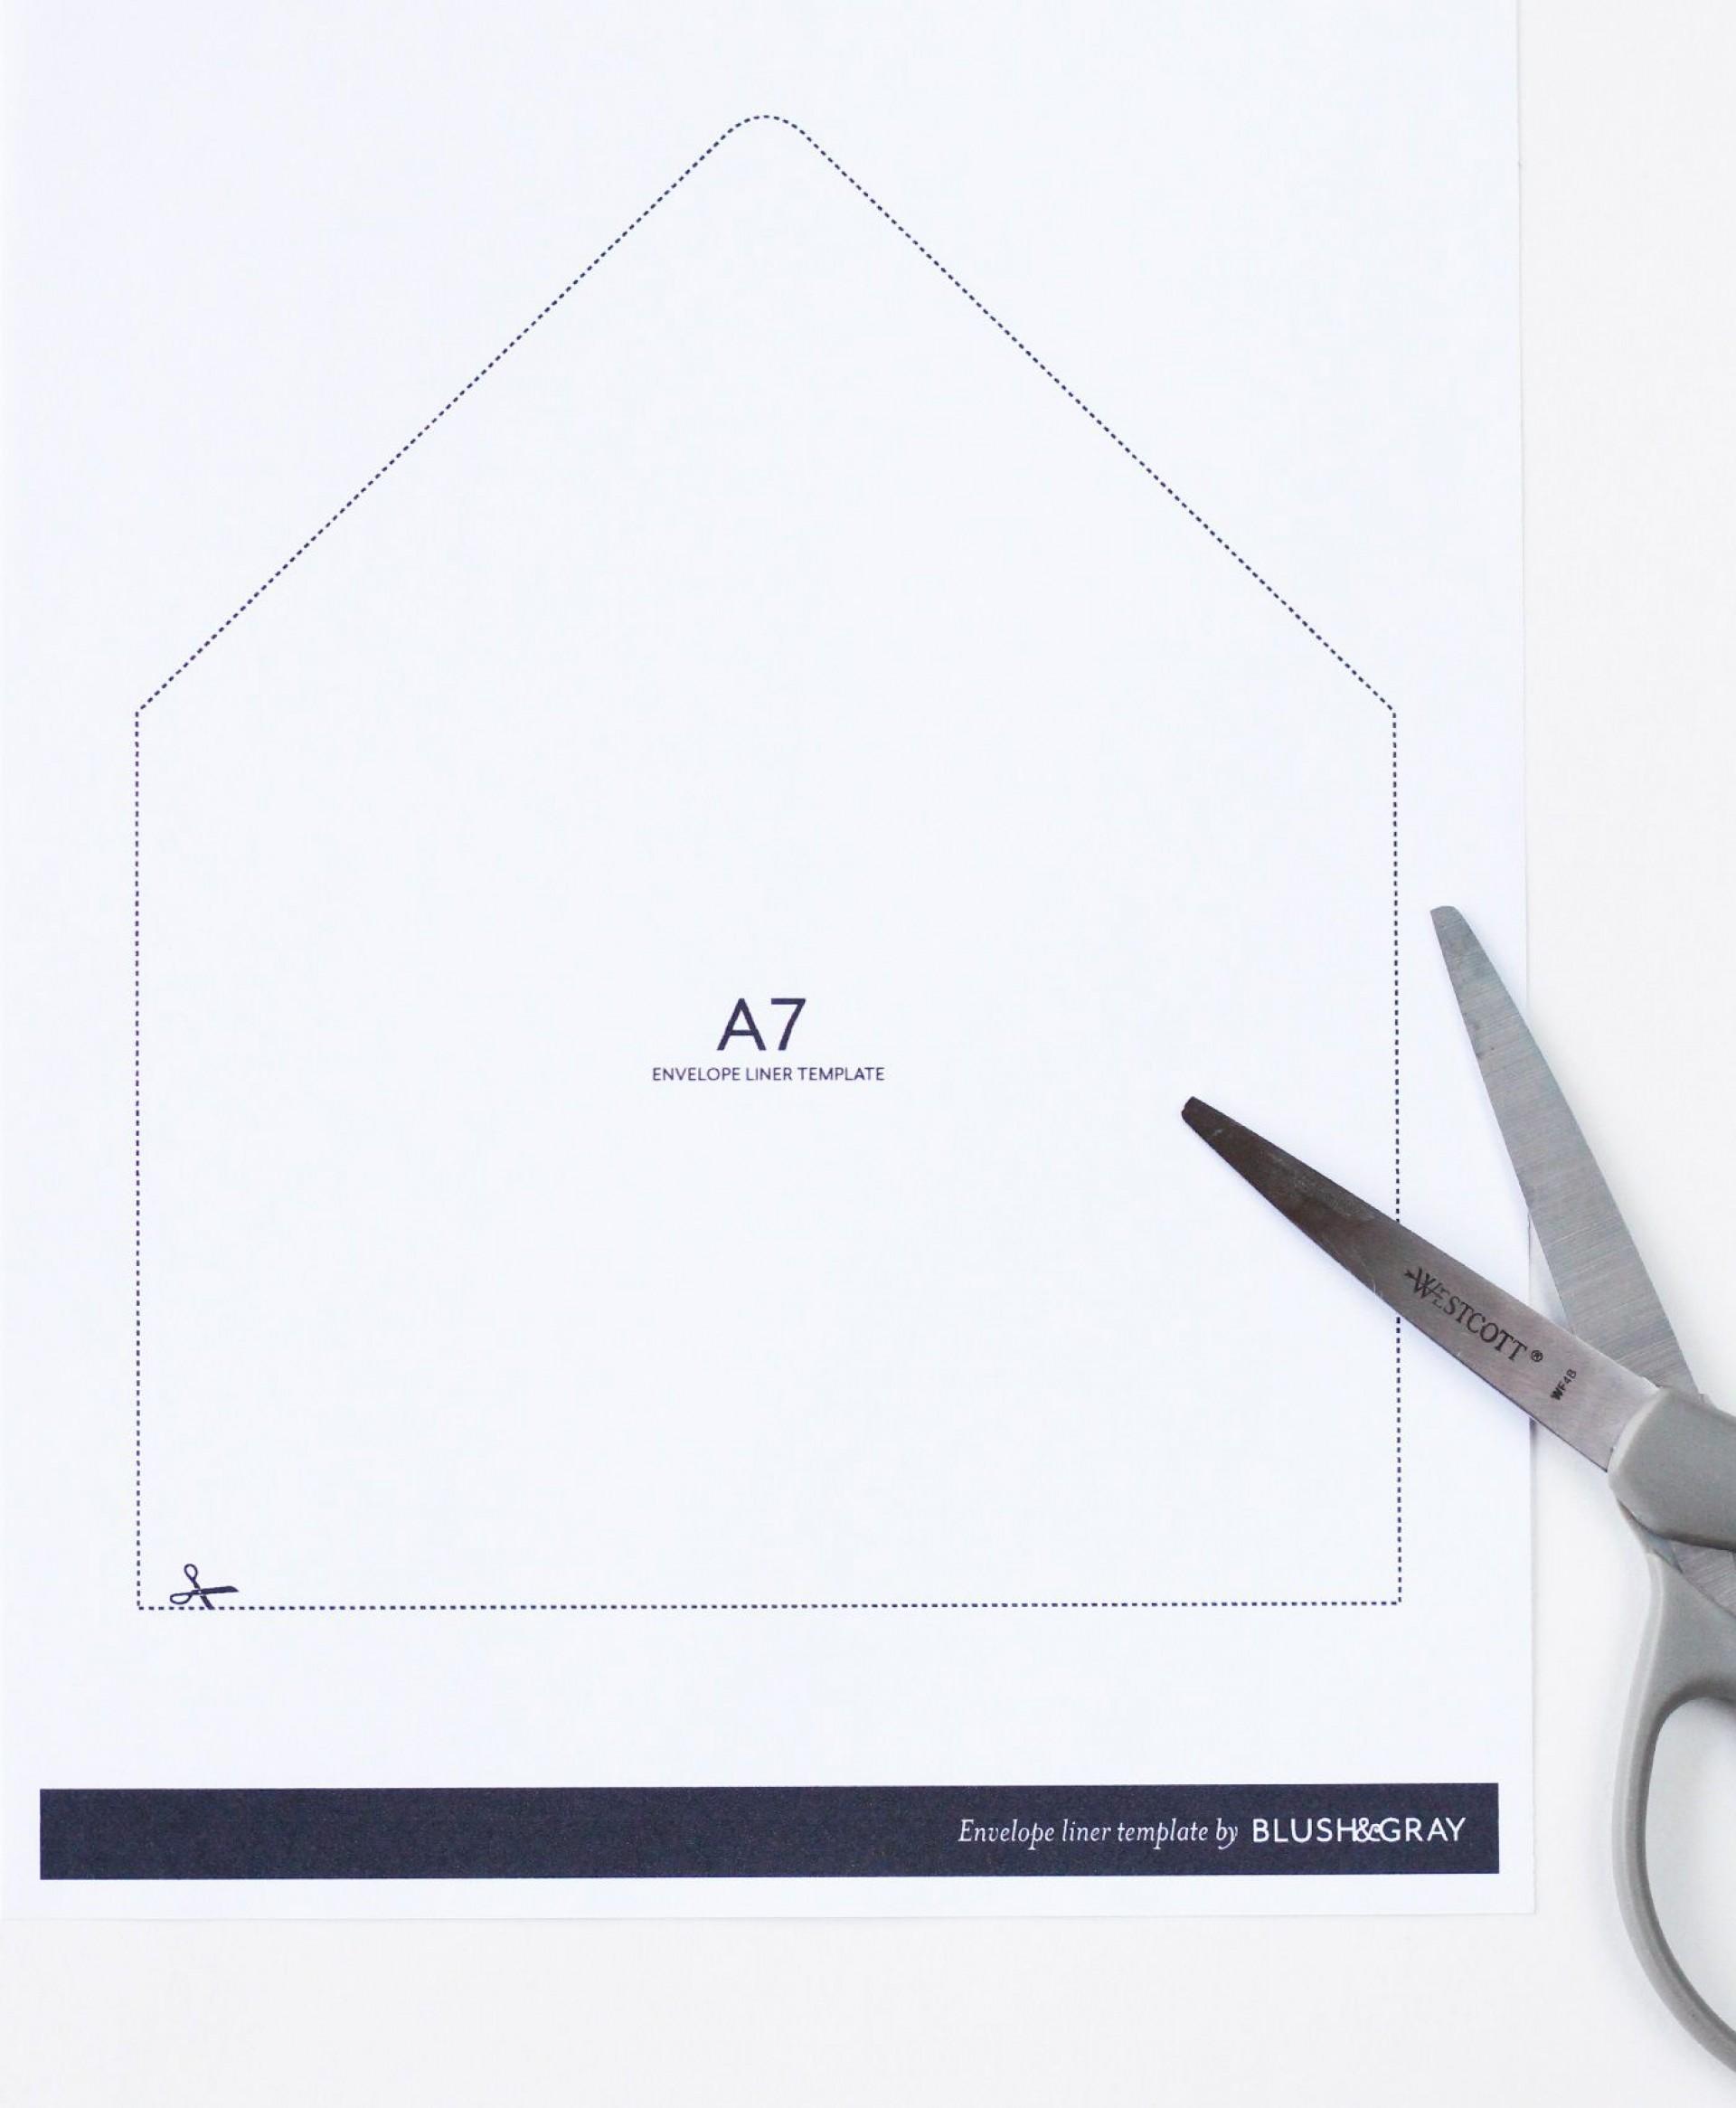 003 Impressive A7 Envelope Liner Template High Definition  Printable Illustrator Free1920